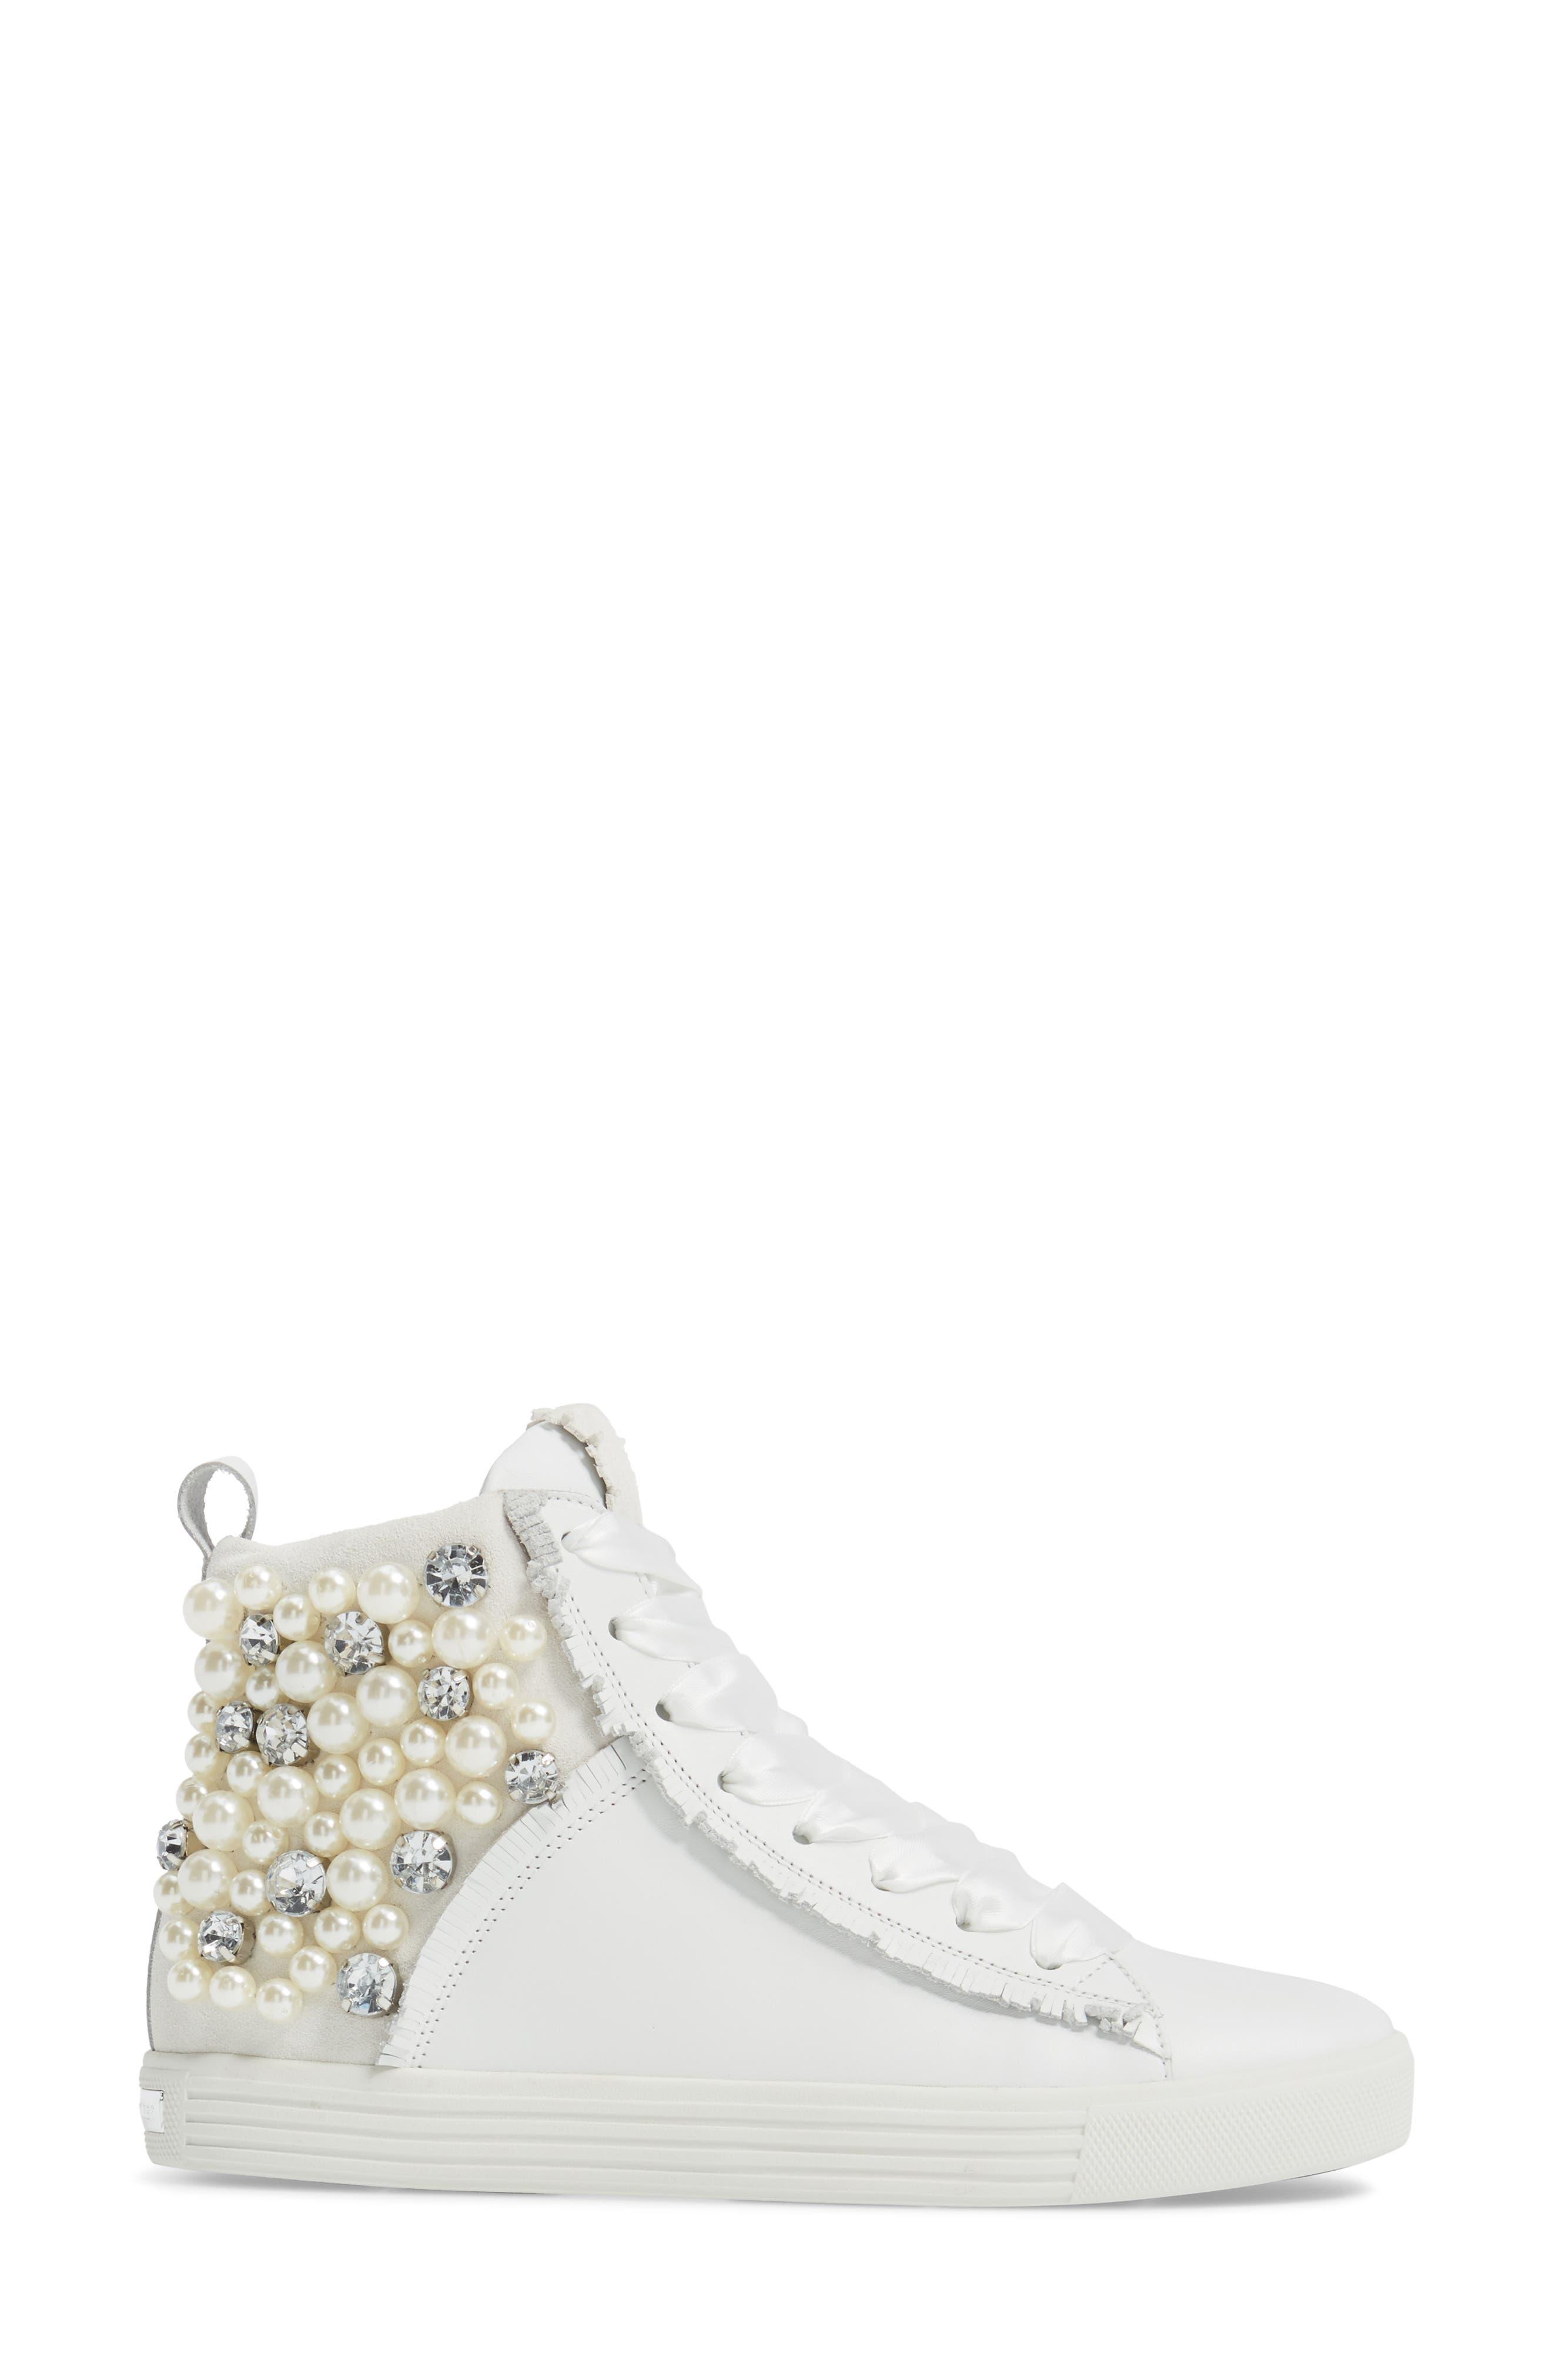 Kennel & Schmenger Town Flower High Top Sneaker,                             Alternate thumbnail 3, color,                             White